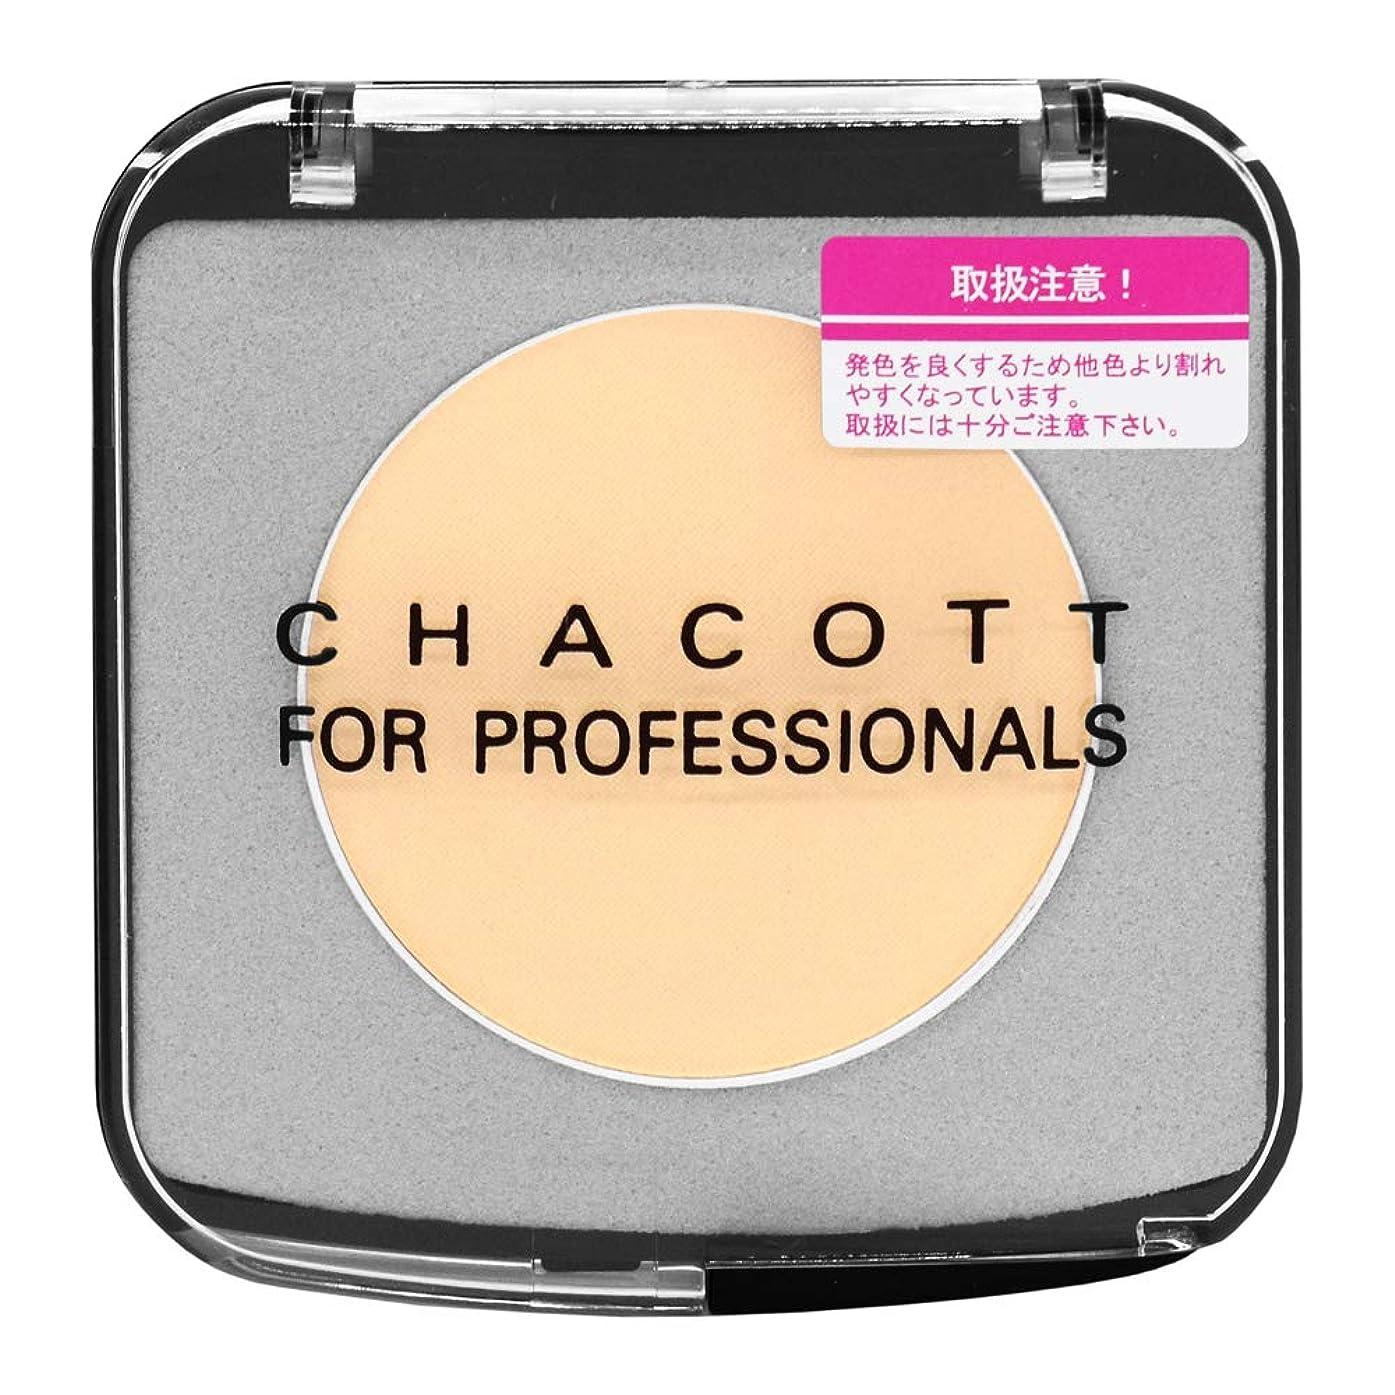 検索エンジン最適化式プロフェッショナルCHACOTT<チャコット> メイクアップカラーバリエーション<ウィンキング> 662.クリームイエロー